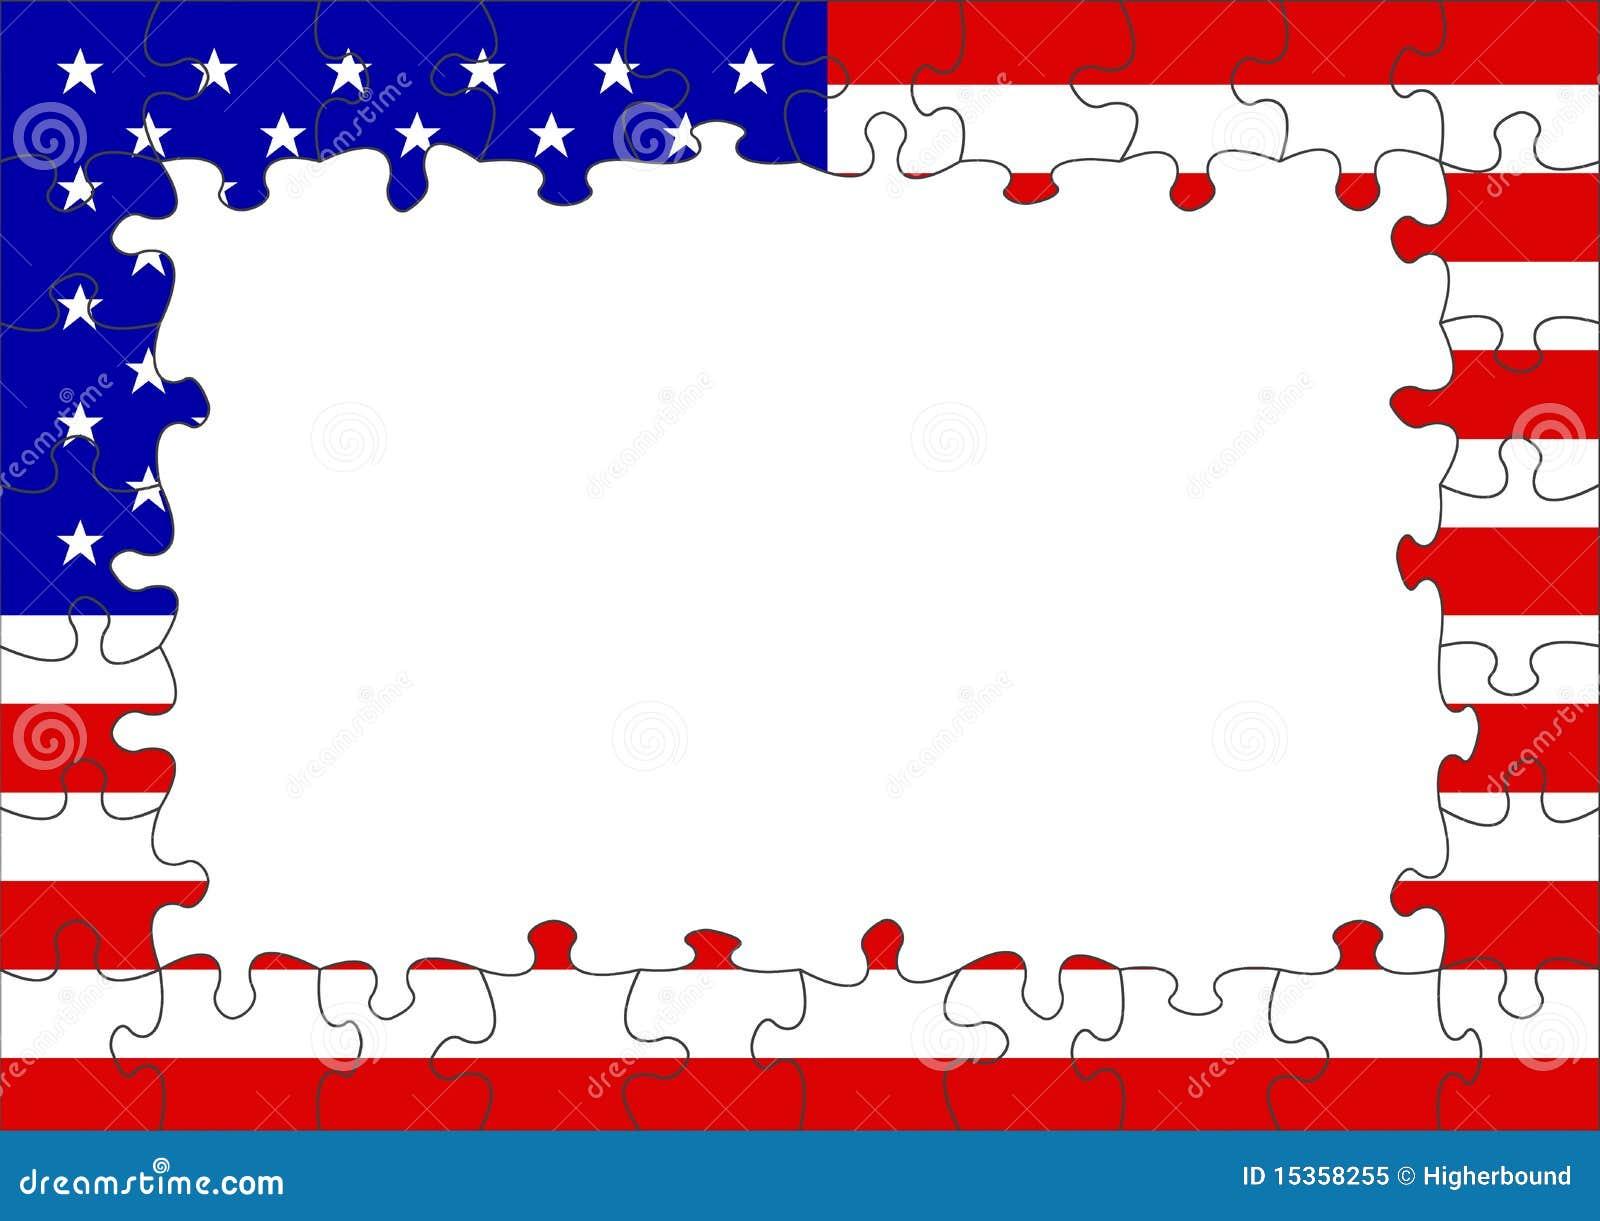 Usa Flag Puzzle Border Royalty Free Stock Photo Image